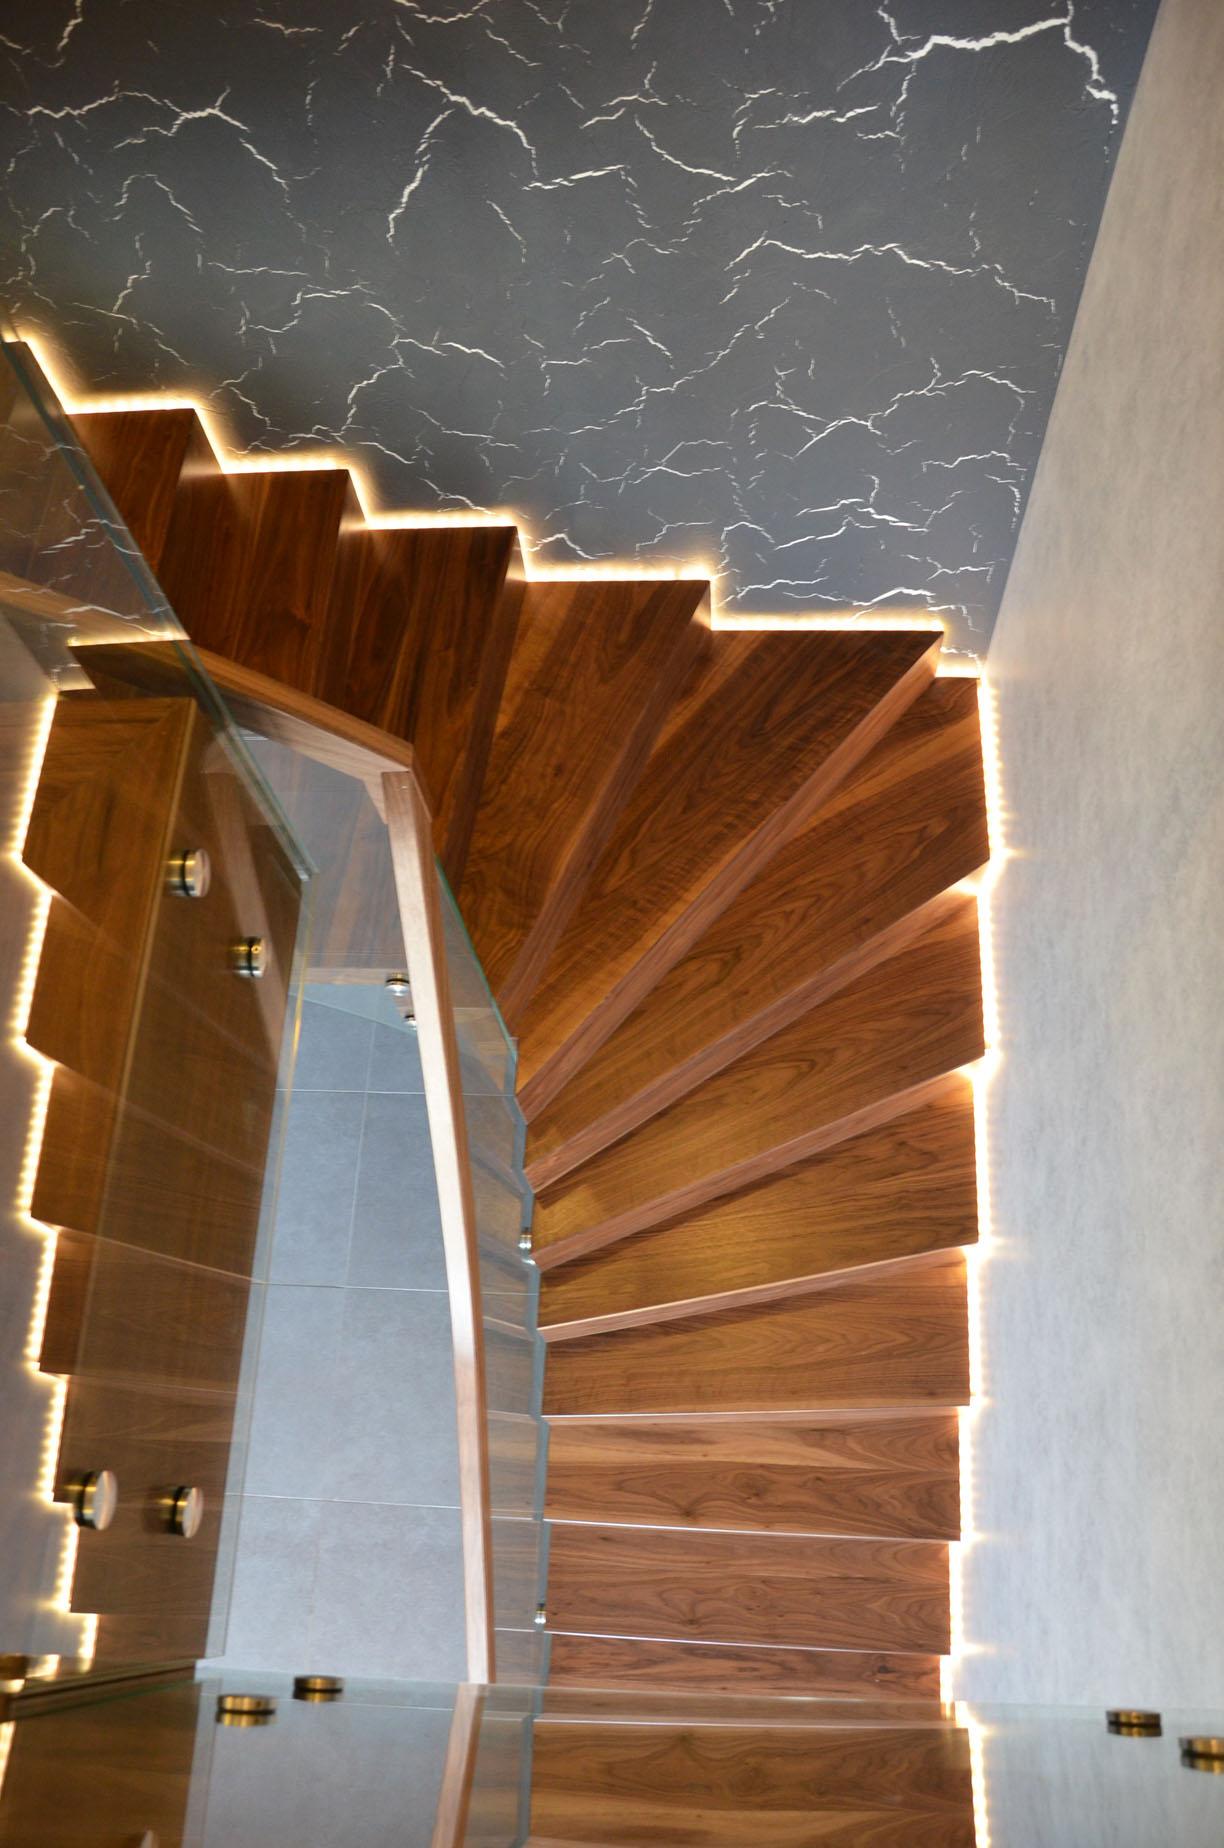 ab-schody-dywanowe-z-orzecha-amerykanskiego-5